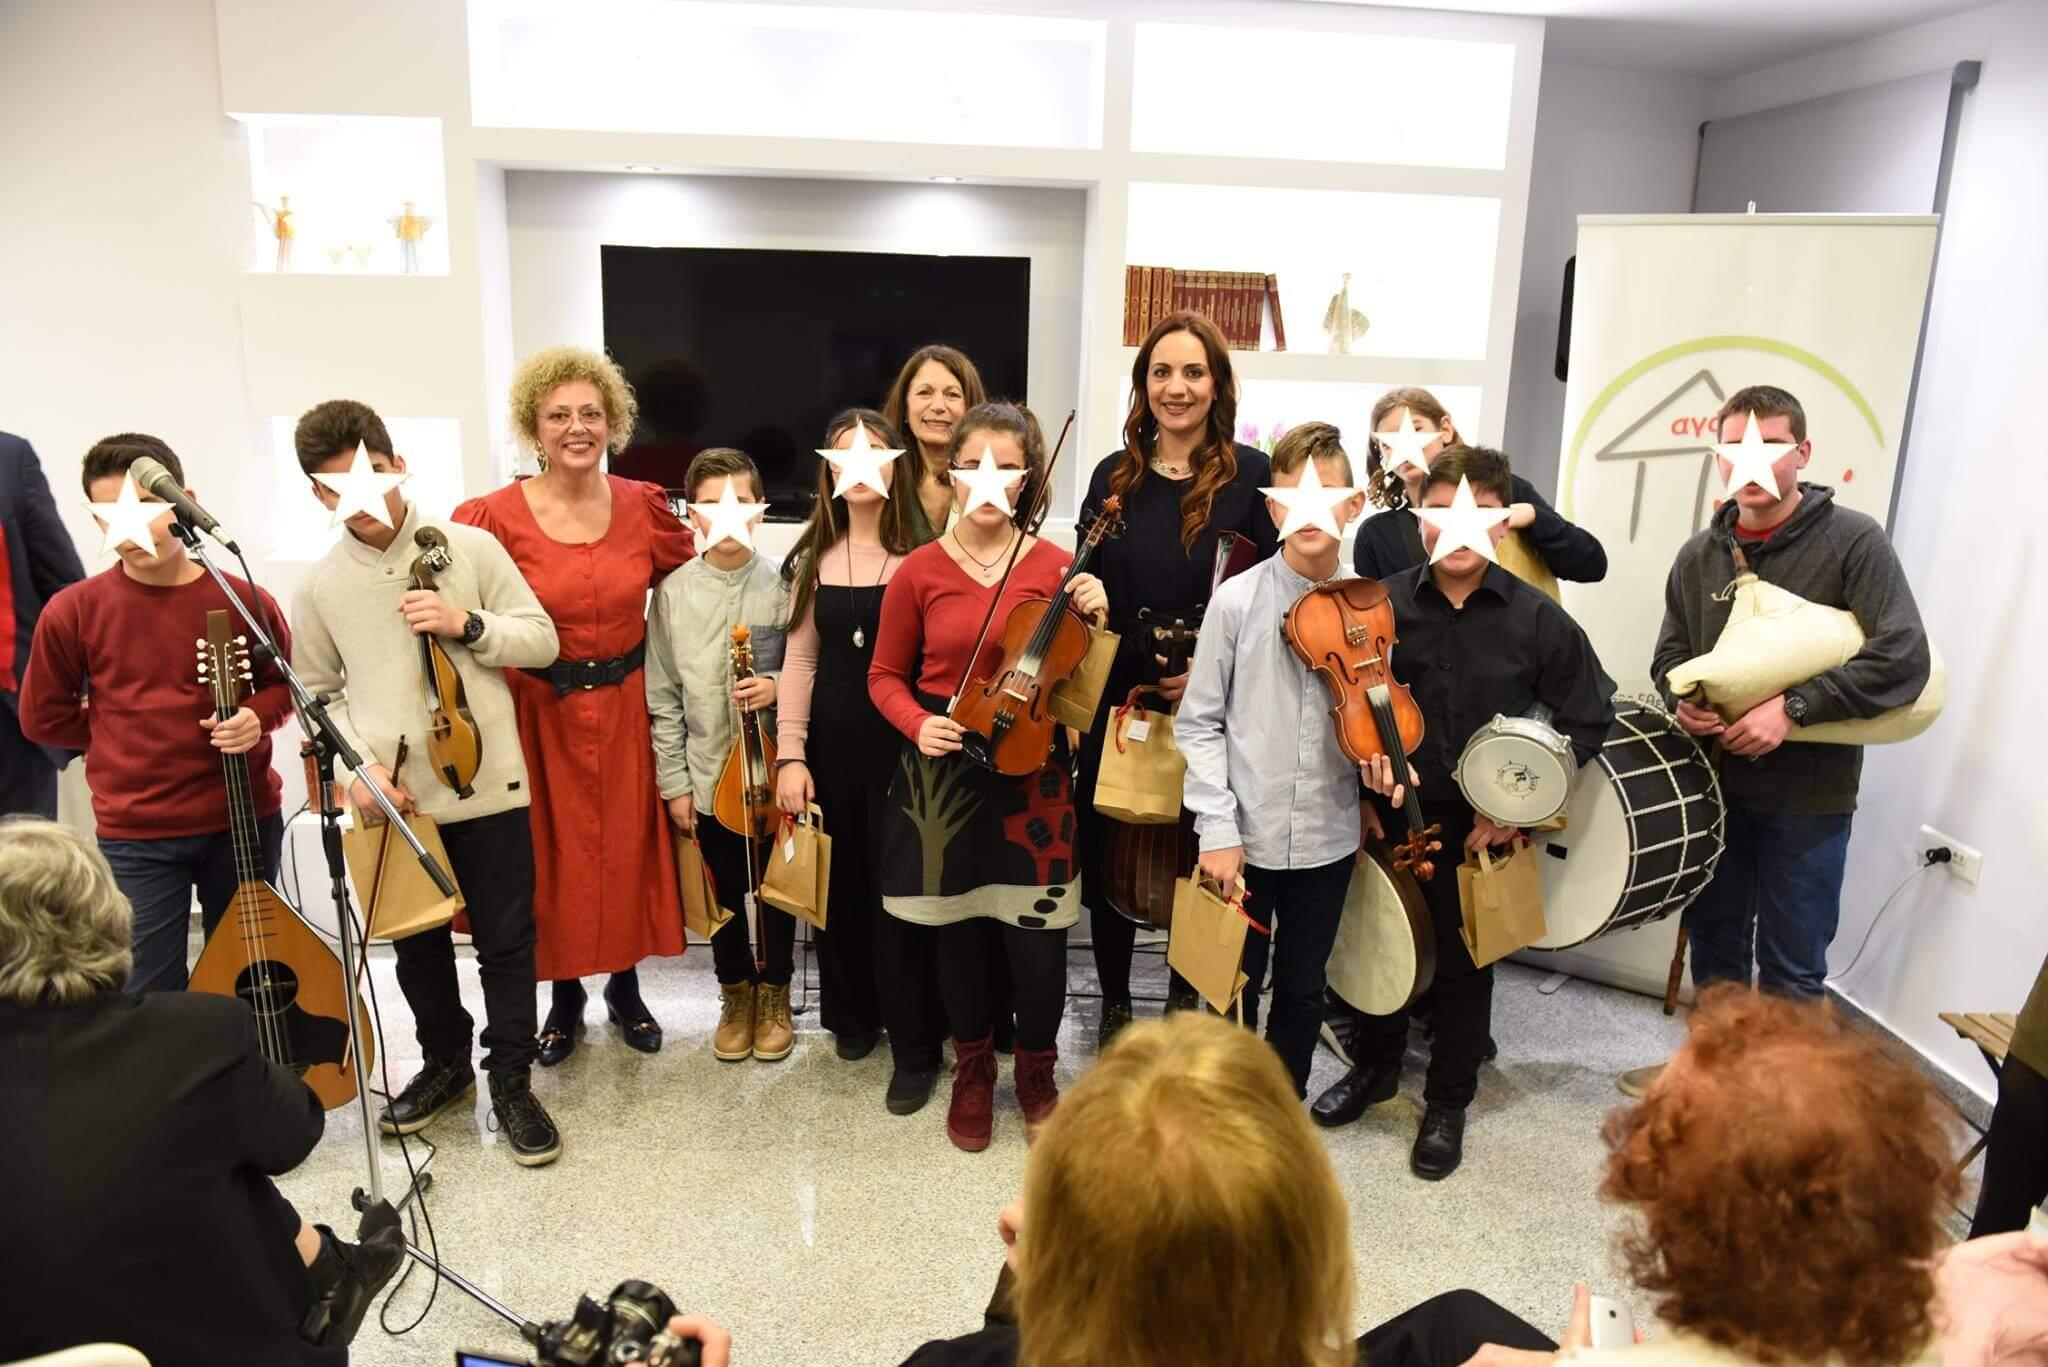 Πνοή Αγάπης μουσική παιδιά μουσικά όργανα βραδιά Pnoiagapis | YouBeHero